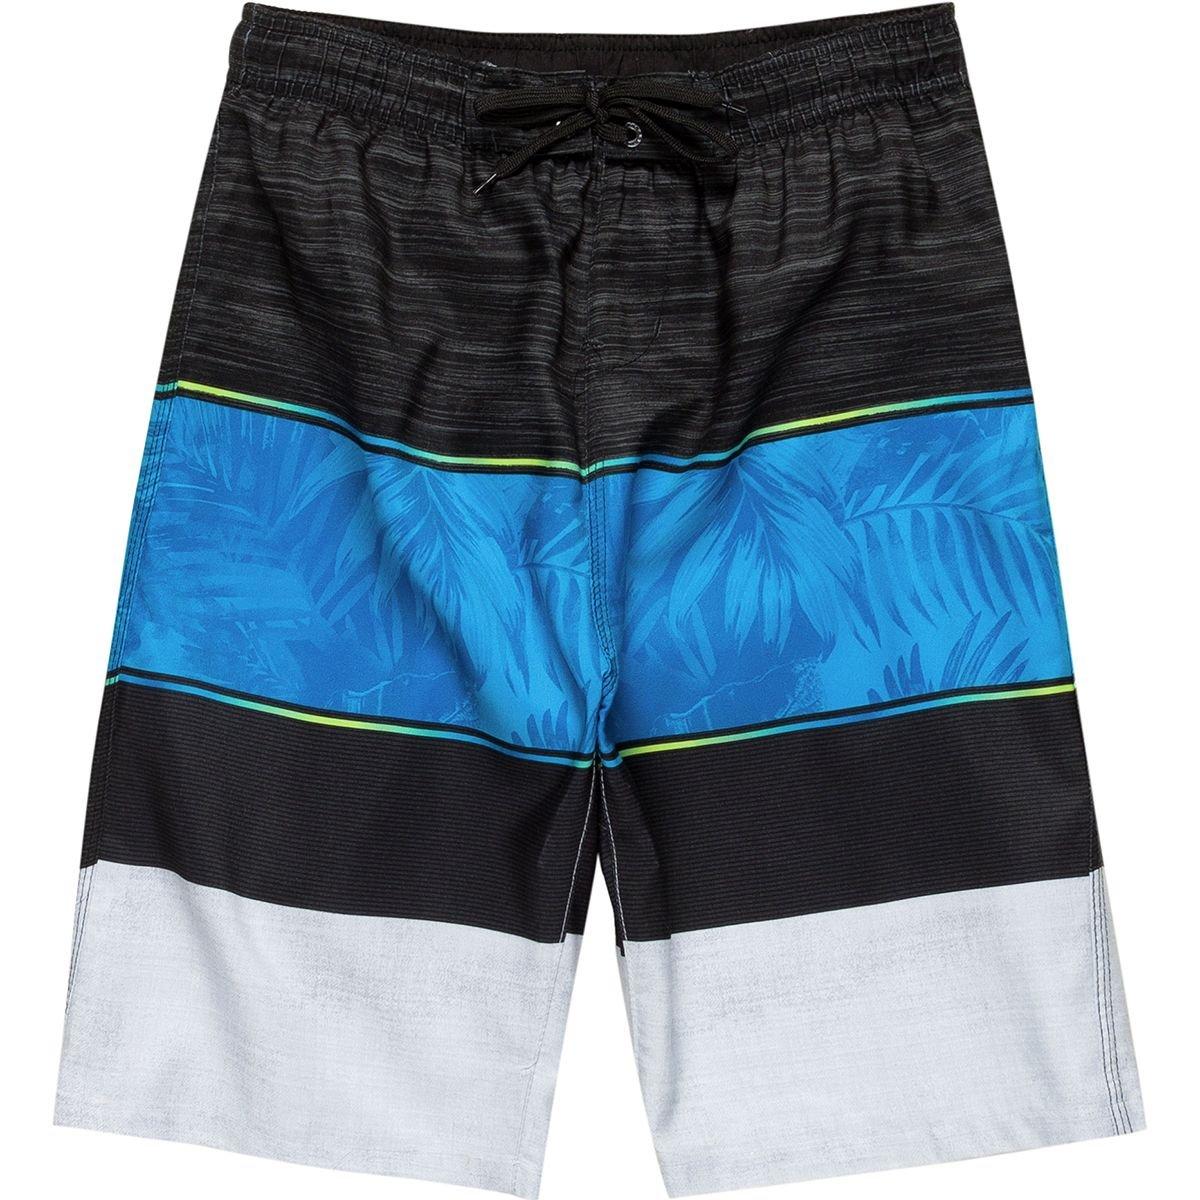 Burnside Waikoloa Board Short - Boys' BN7429-WHT-8